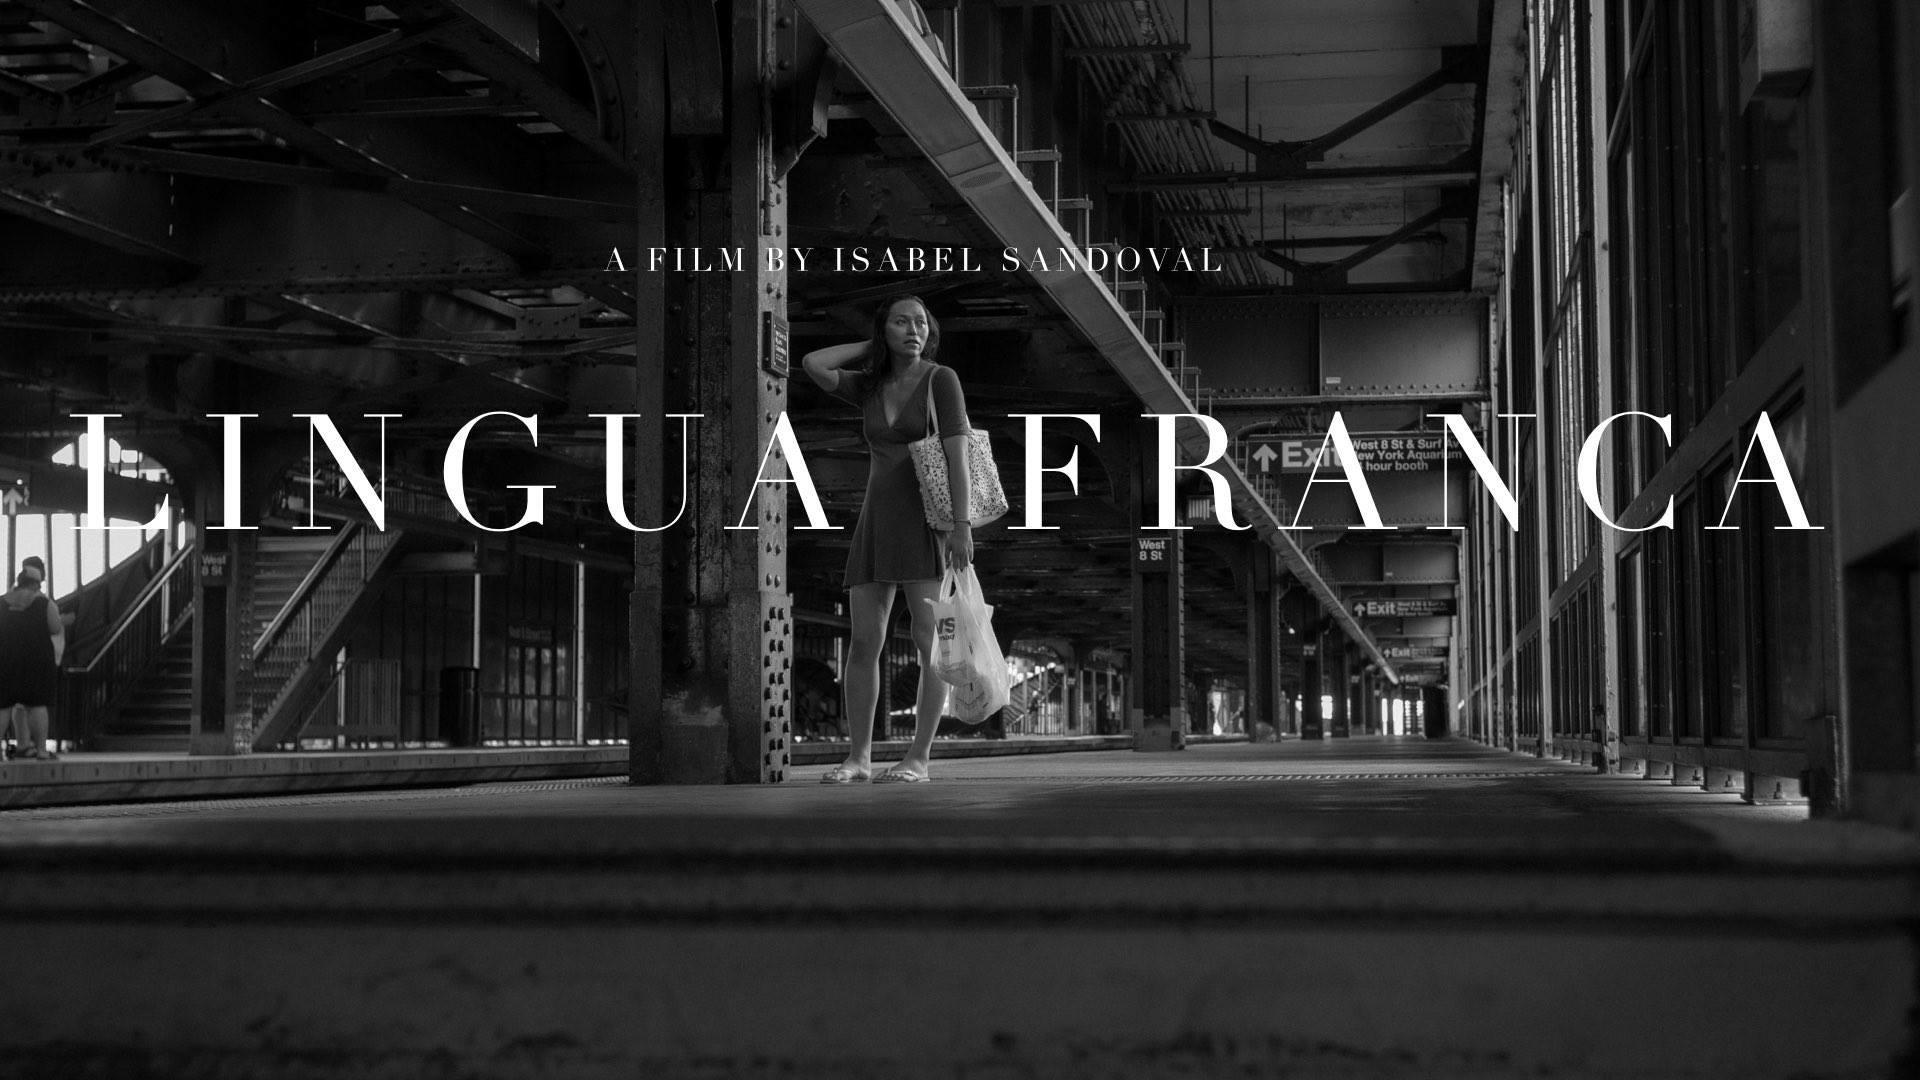 LINGUA FRANCA:  Meet Trans FilAm Director Isabel Sandoval